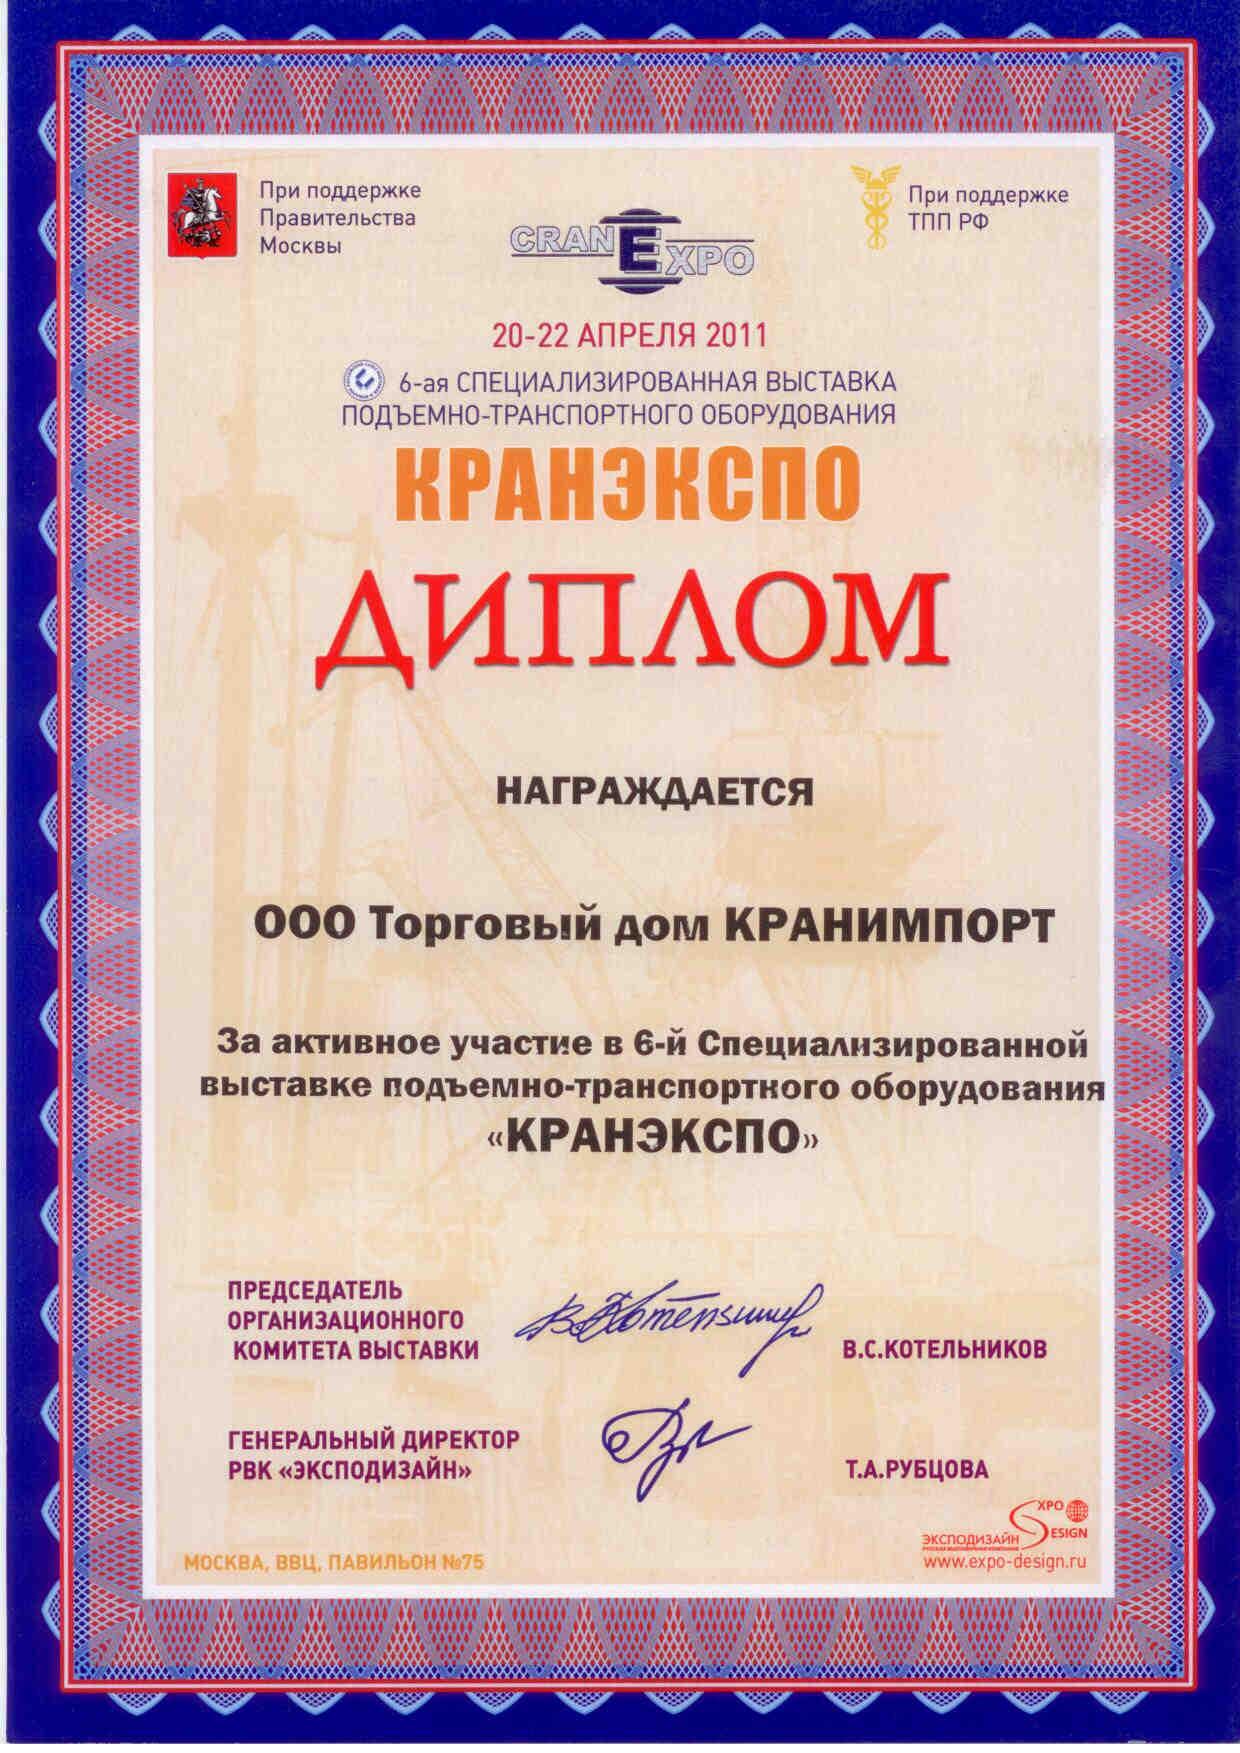 Диплом КРАНИМПОРТ за активное участие в выставке КРАНЭКСПО в Москве